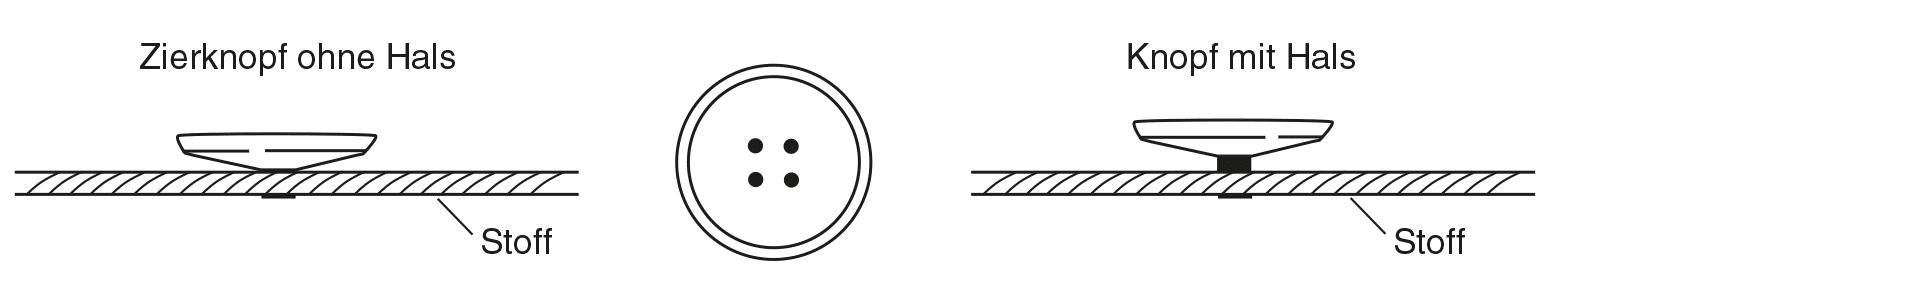 Die Abbildung zeigt das Knopf annähen.